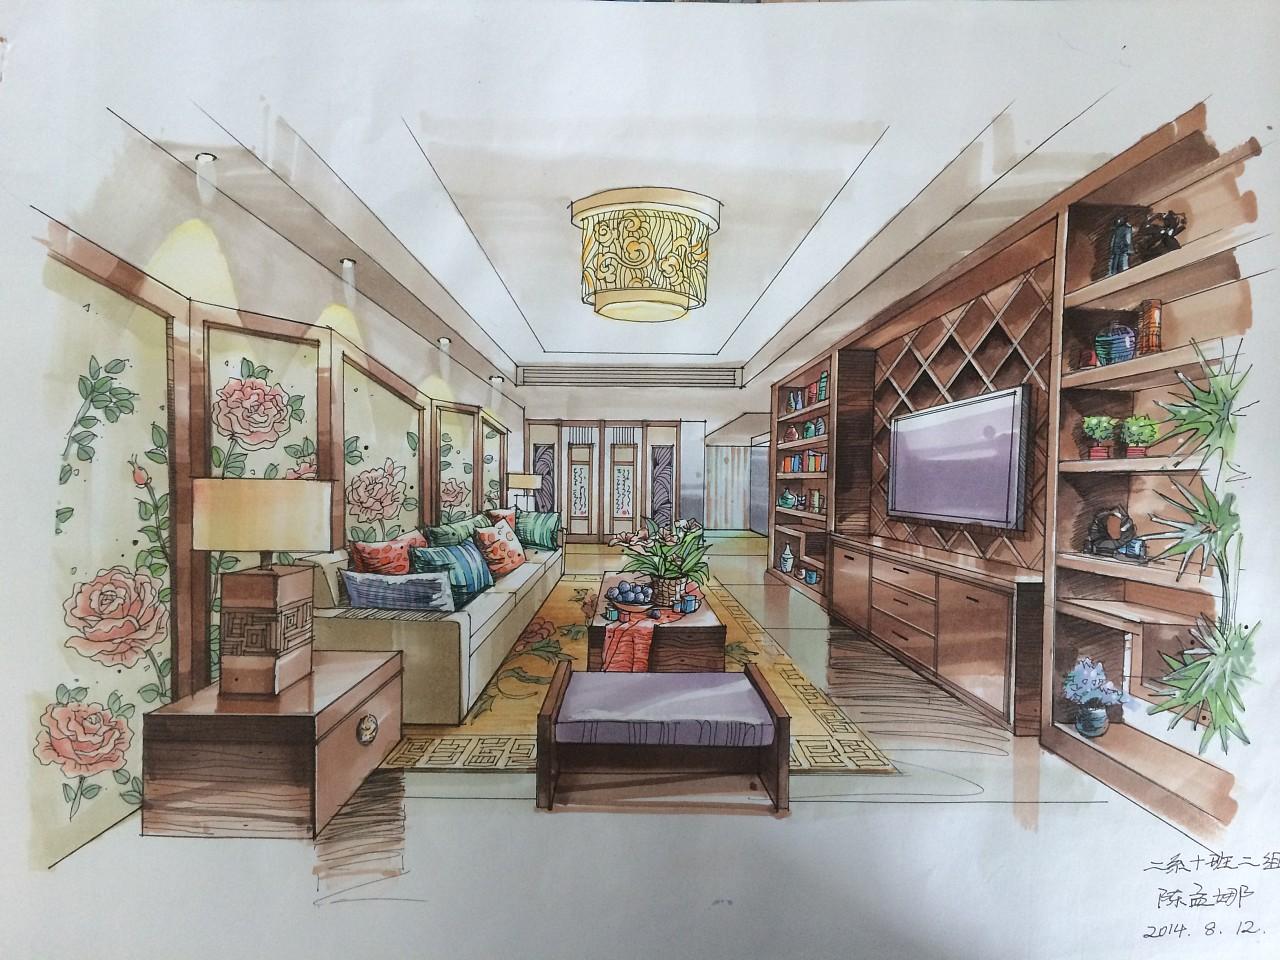 手绘室内效果图|空间|室内设计|陈孟娜336699 - 原创